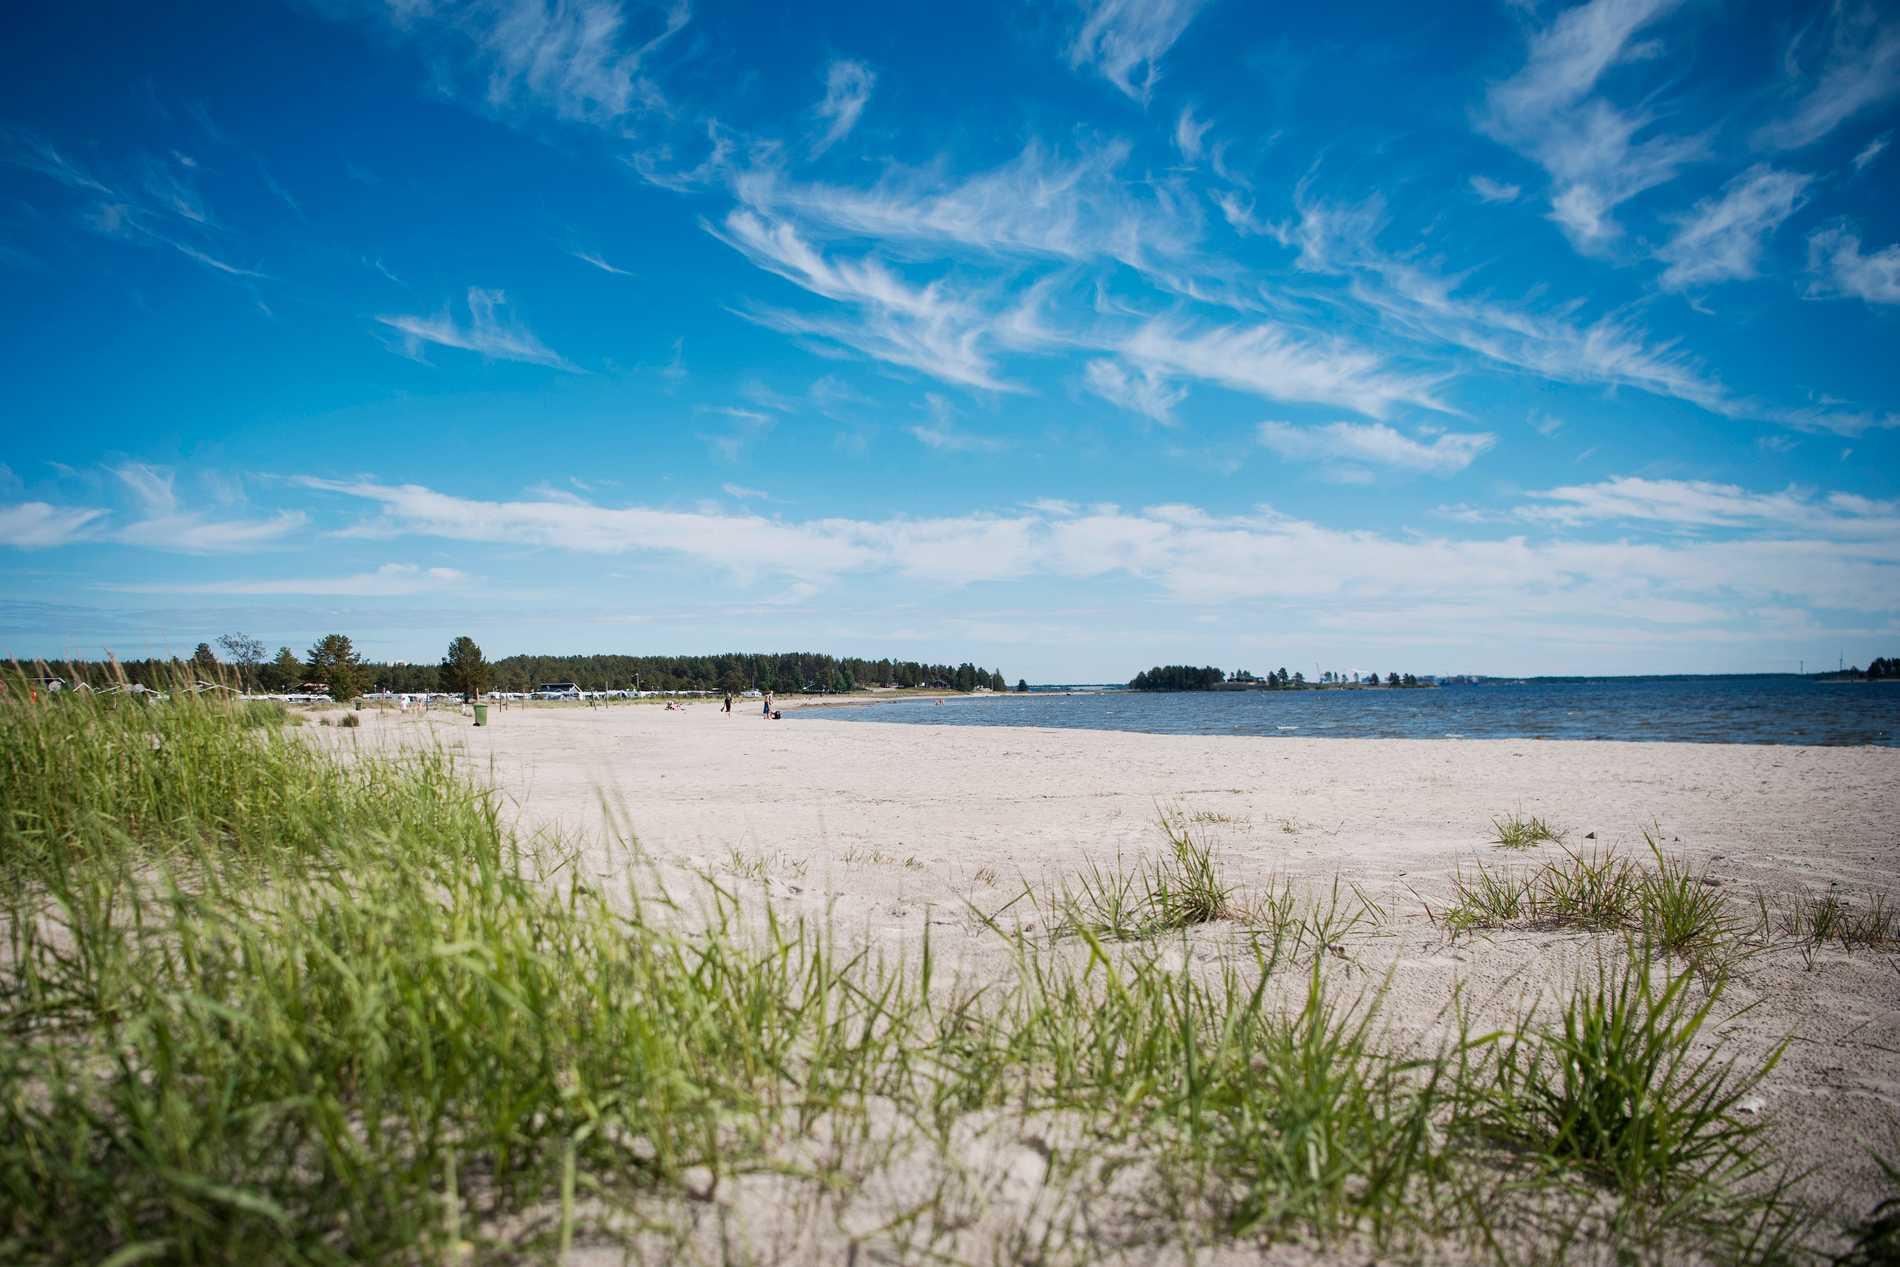 Vy över Pite havsbad, en populär tillflyktsort under sommaren.